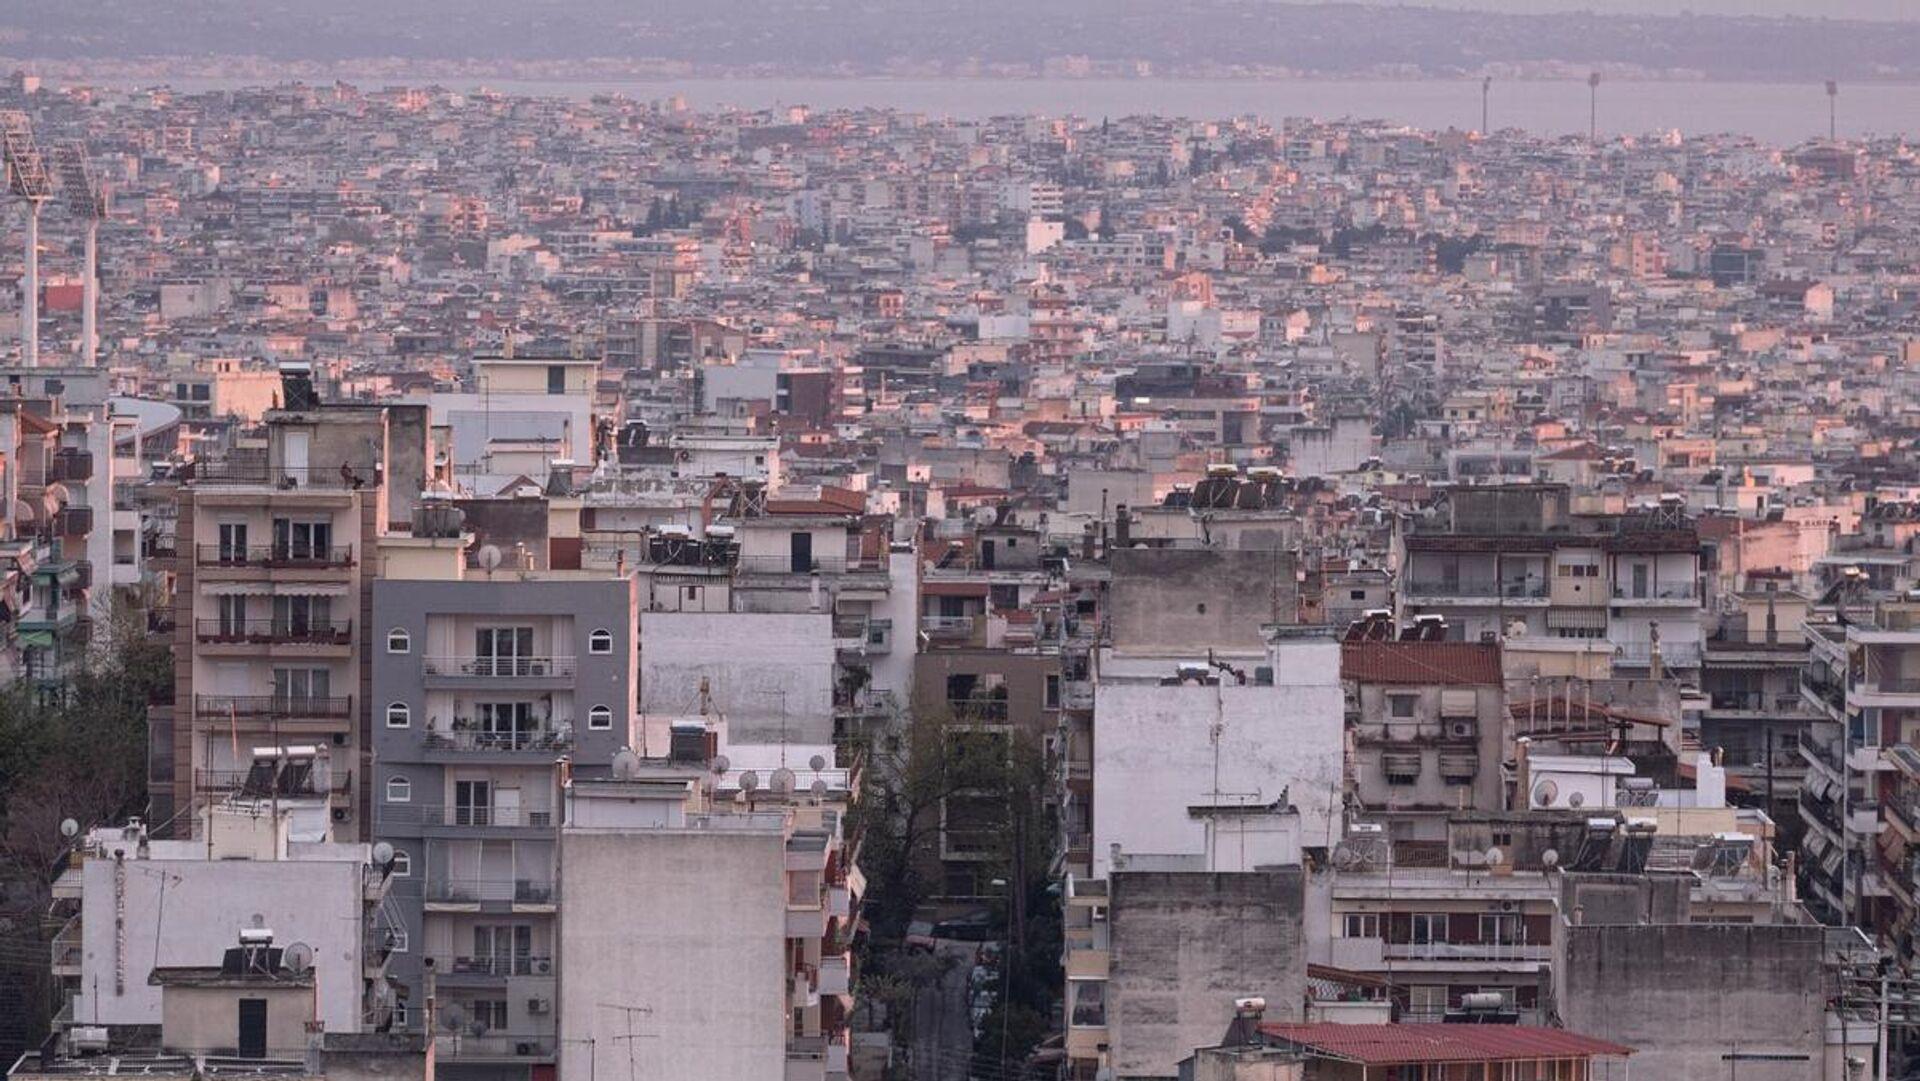 Κτίρια στη Θεσσαλονίκη - Sputnik Ελλάδα, 1920, 22.09.2021